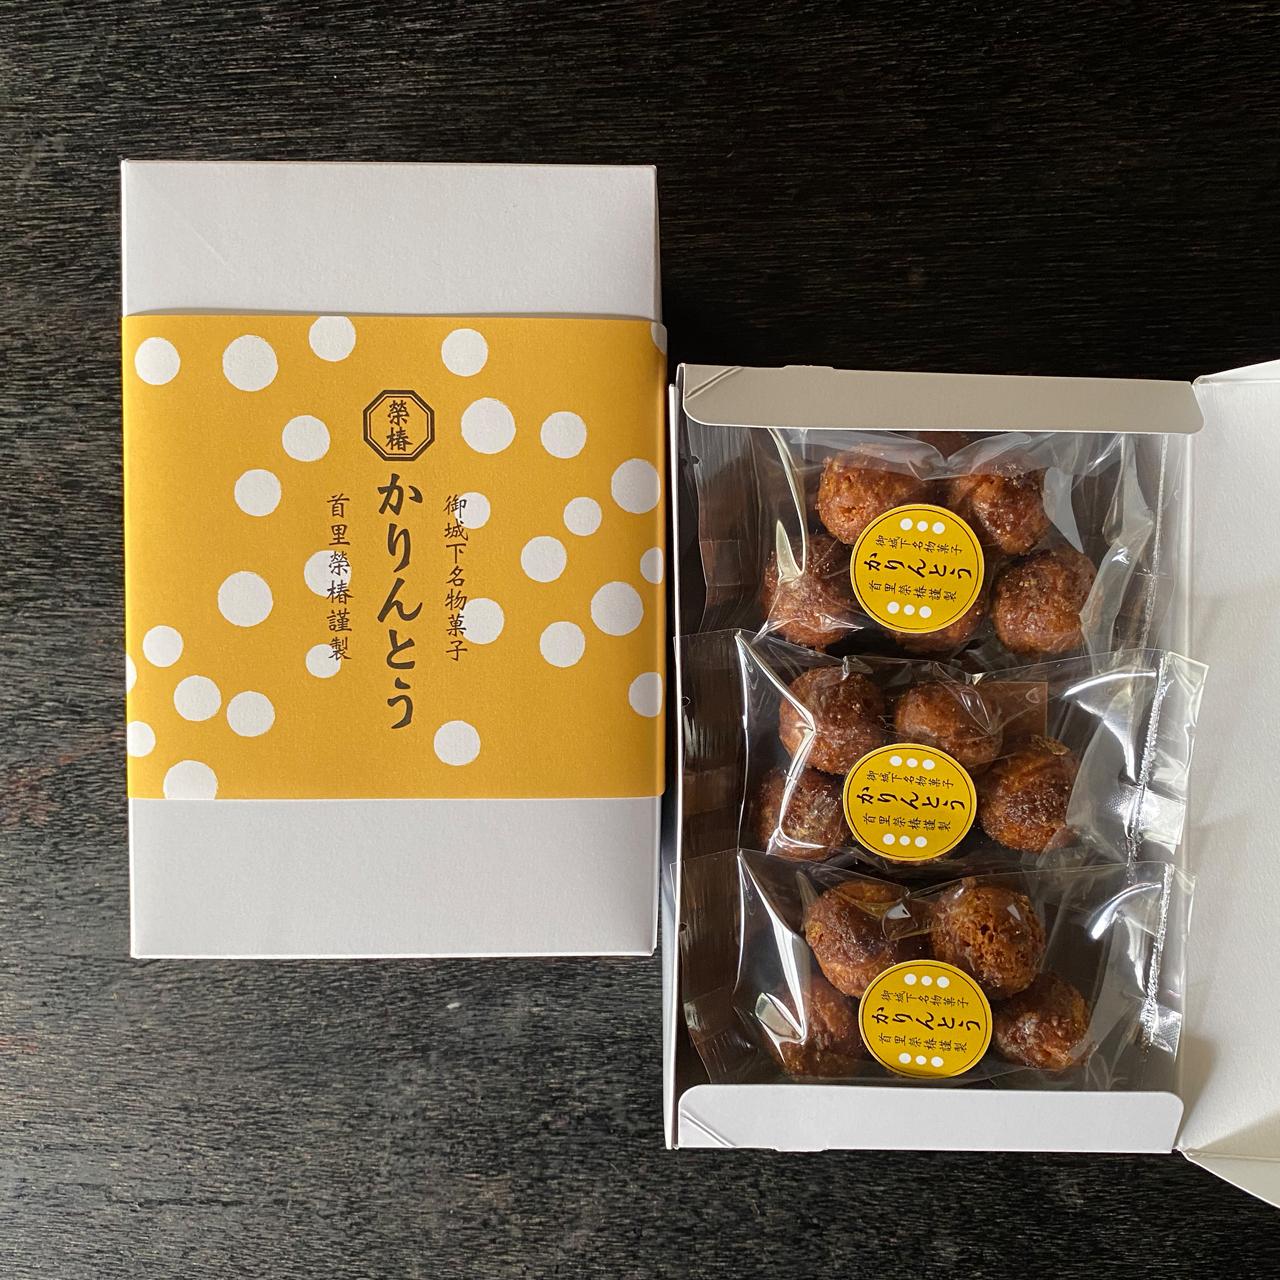 中箱・7袋入(1,250円)